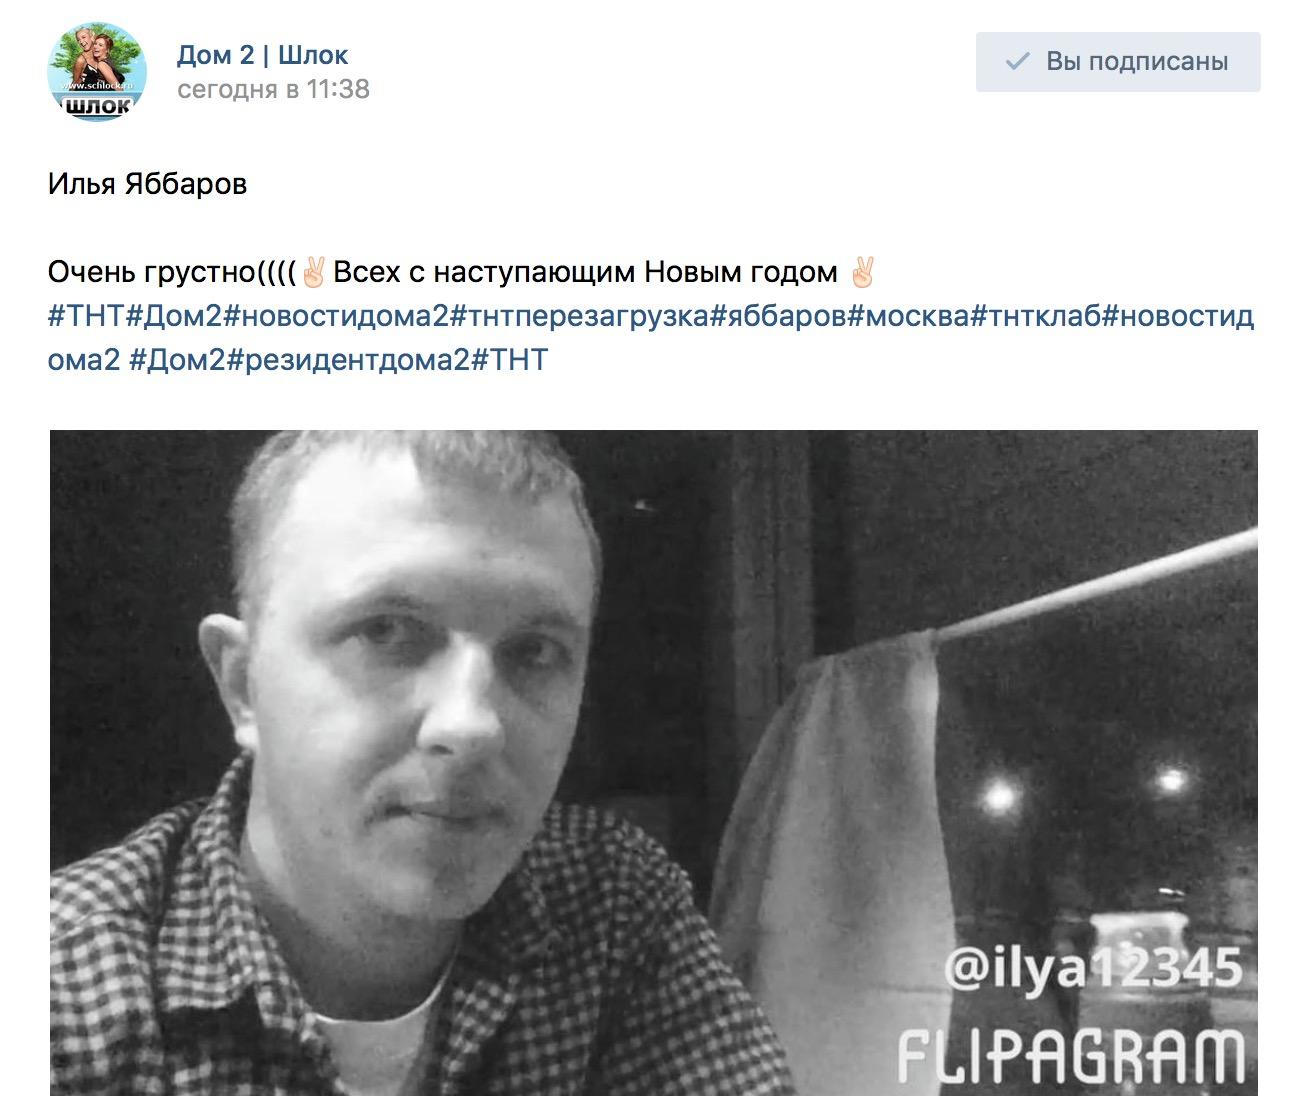 Илья Яббаров  Очень грустно((((✌?